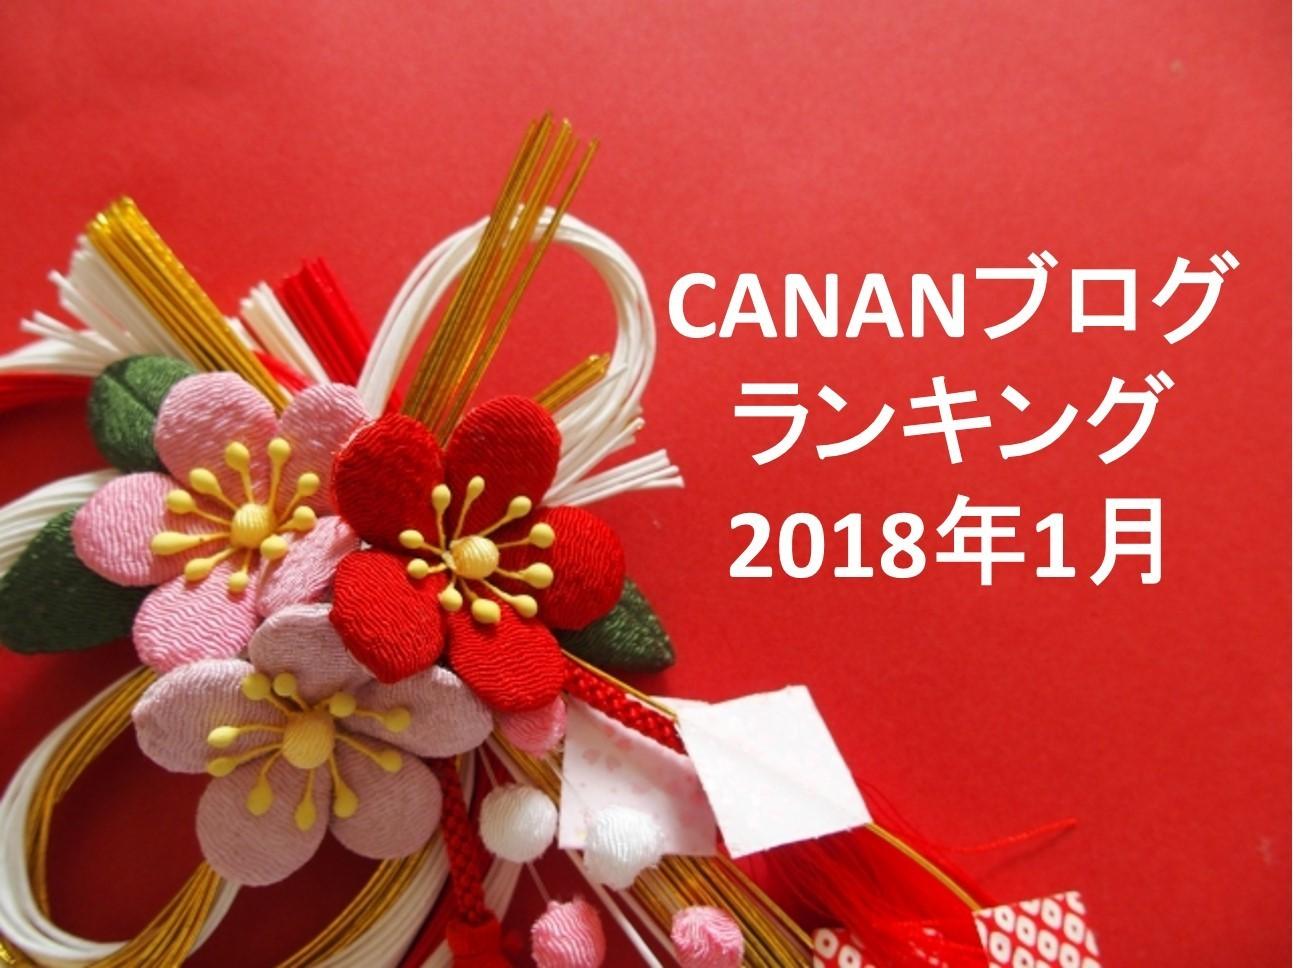 Canpanブログ ランキング ベスト100 18年1月 Jcne Npoフォーラム 信頼と情報開示と発信で資源を循環させる